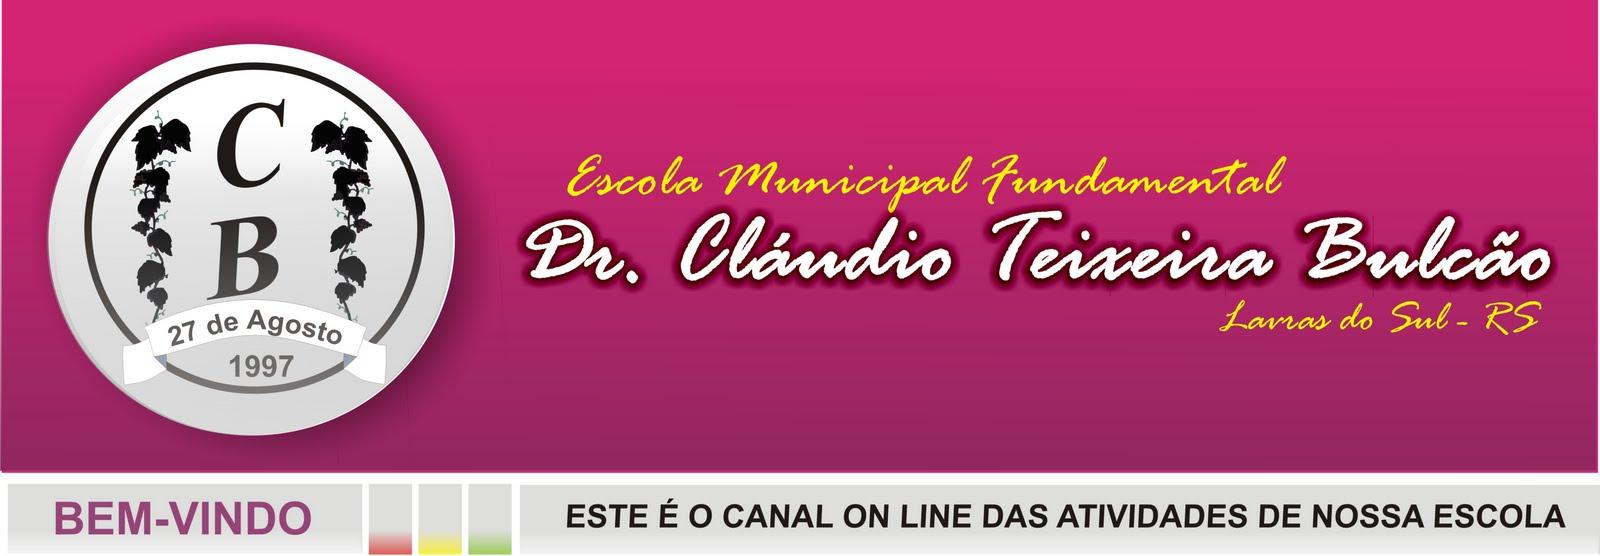 E. M. F. Dr. Cláudio Teixeira Bulcão